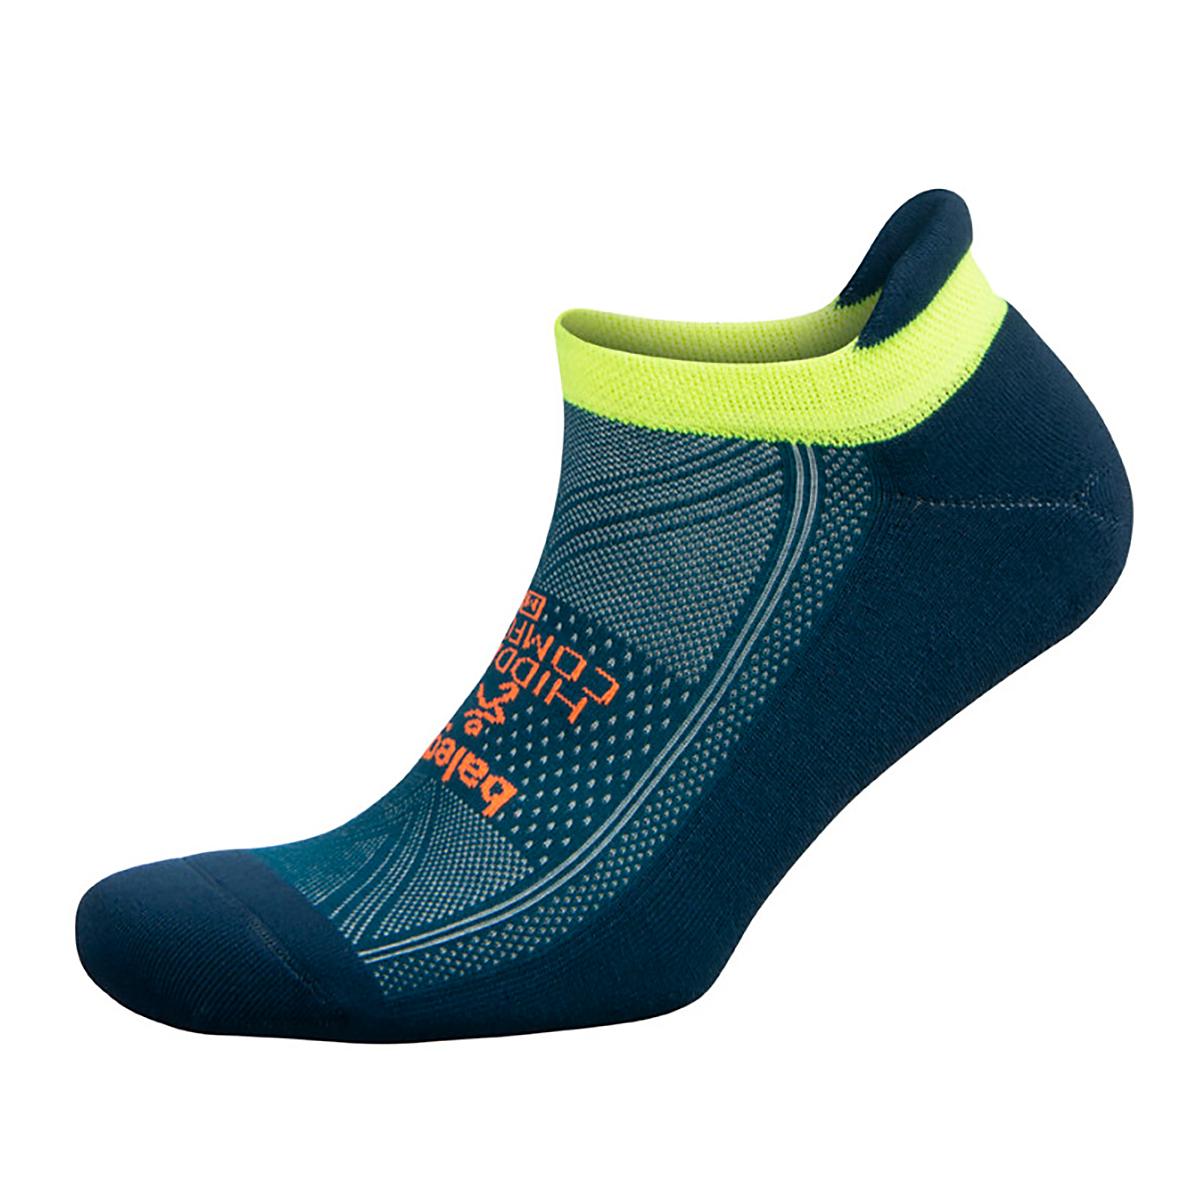 Unisex Balega Hidden Comfort No Show Socks - Color: Legion Blue/Teal Size: S, Blue, large, image 1